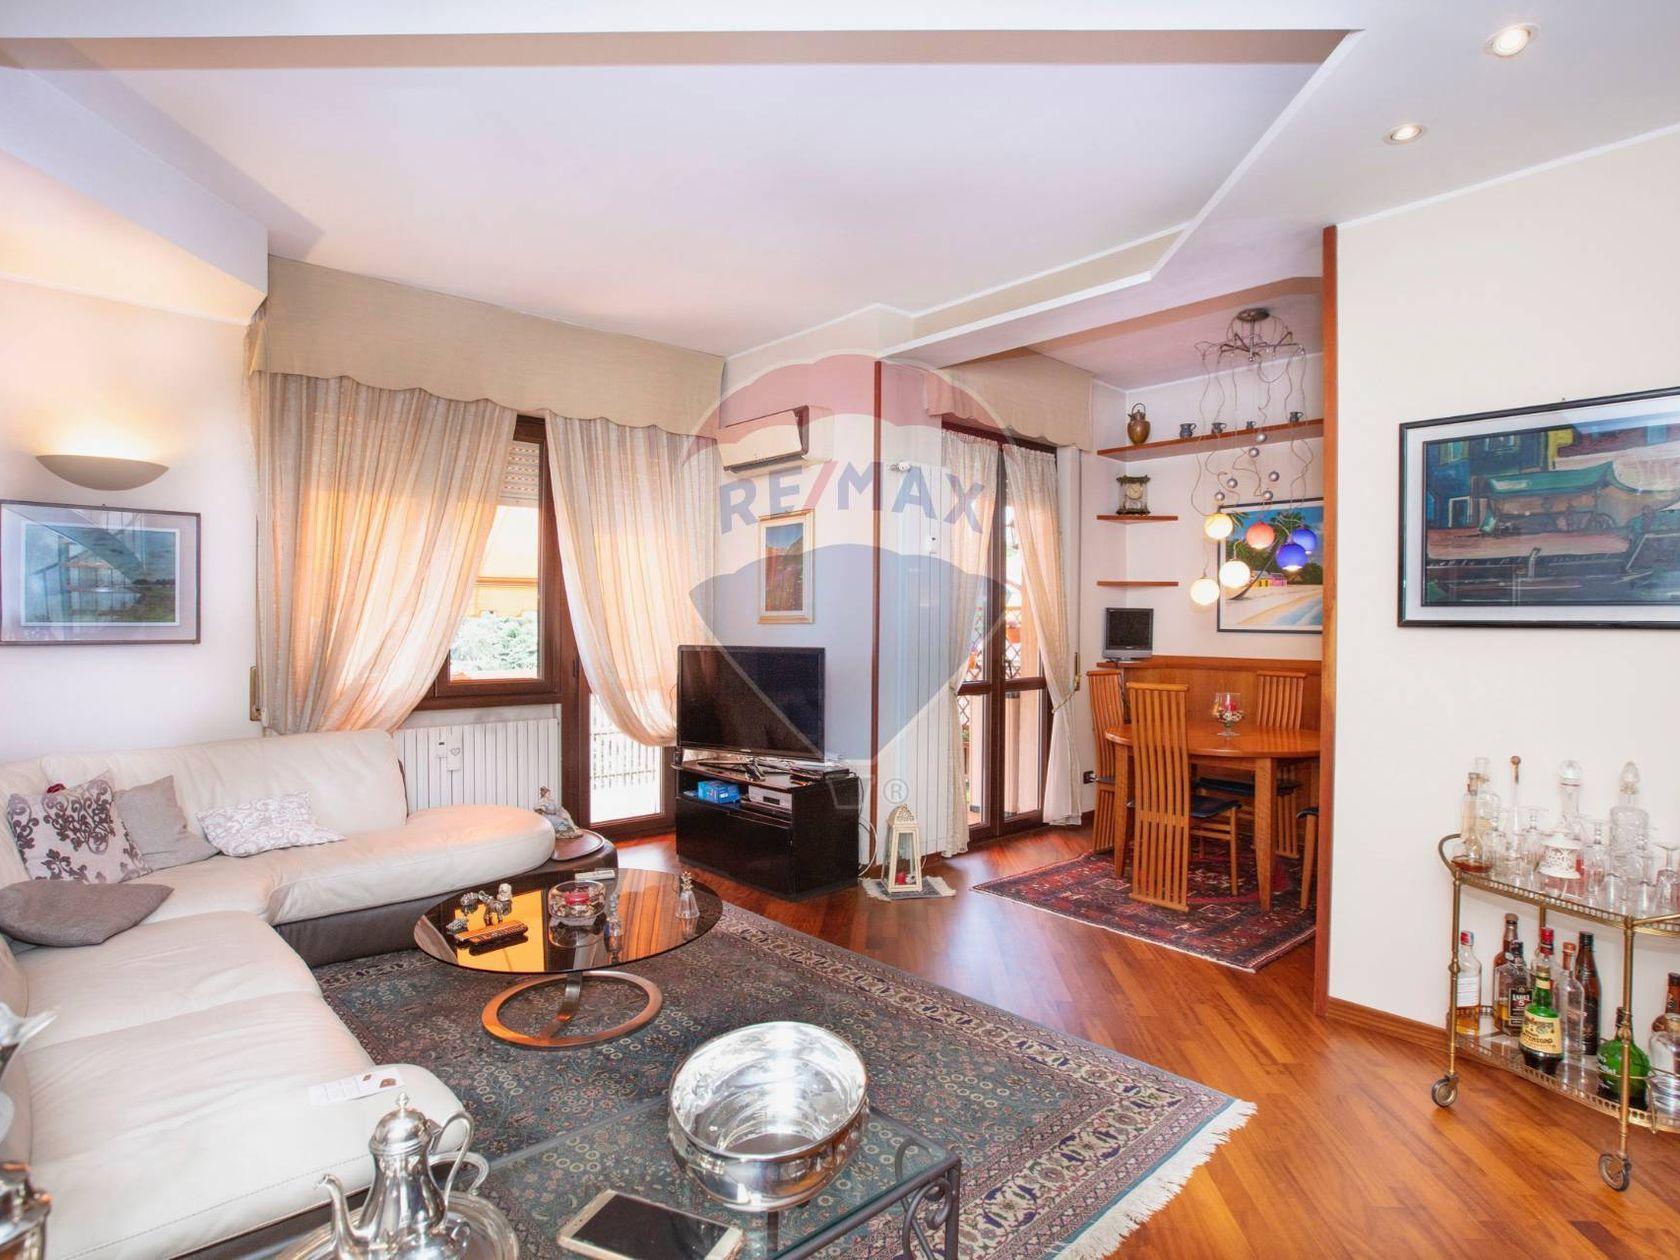 Appartamento Zona San Carlo, Rho, MI Vendita - Foto 11